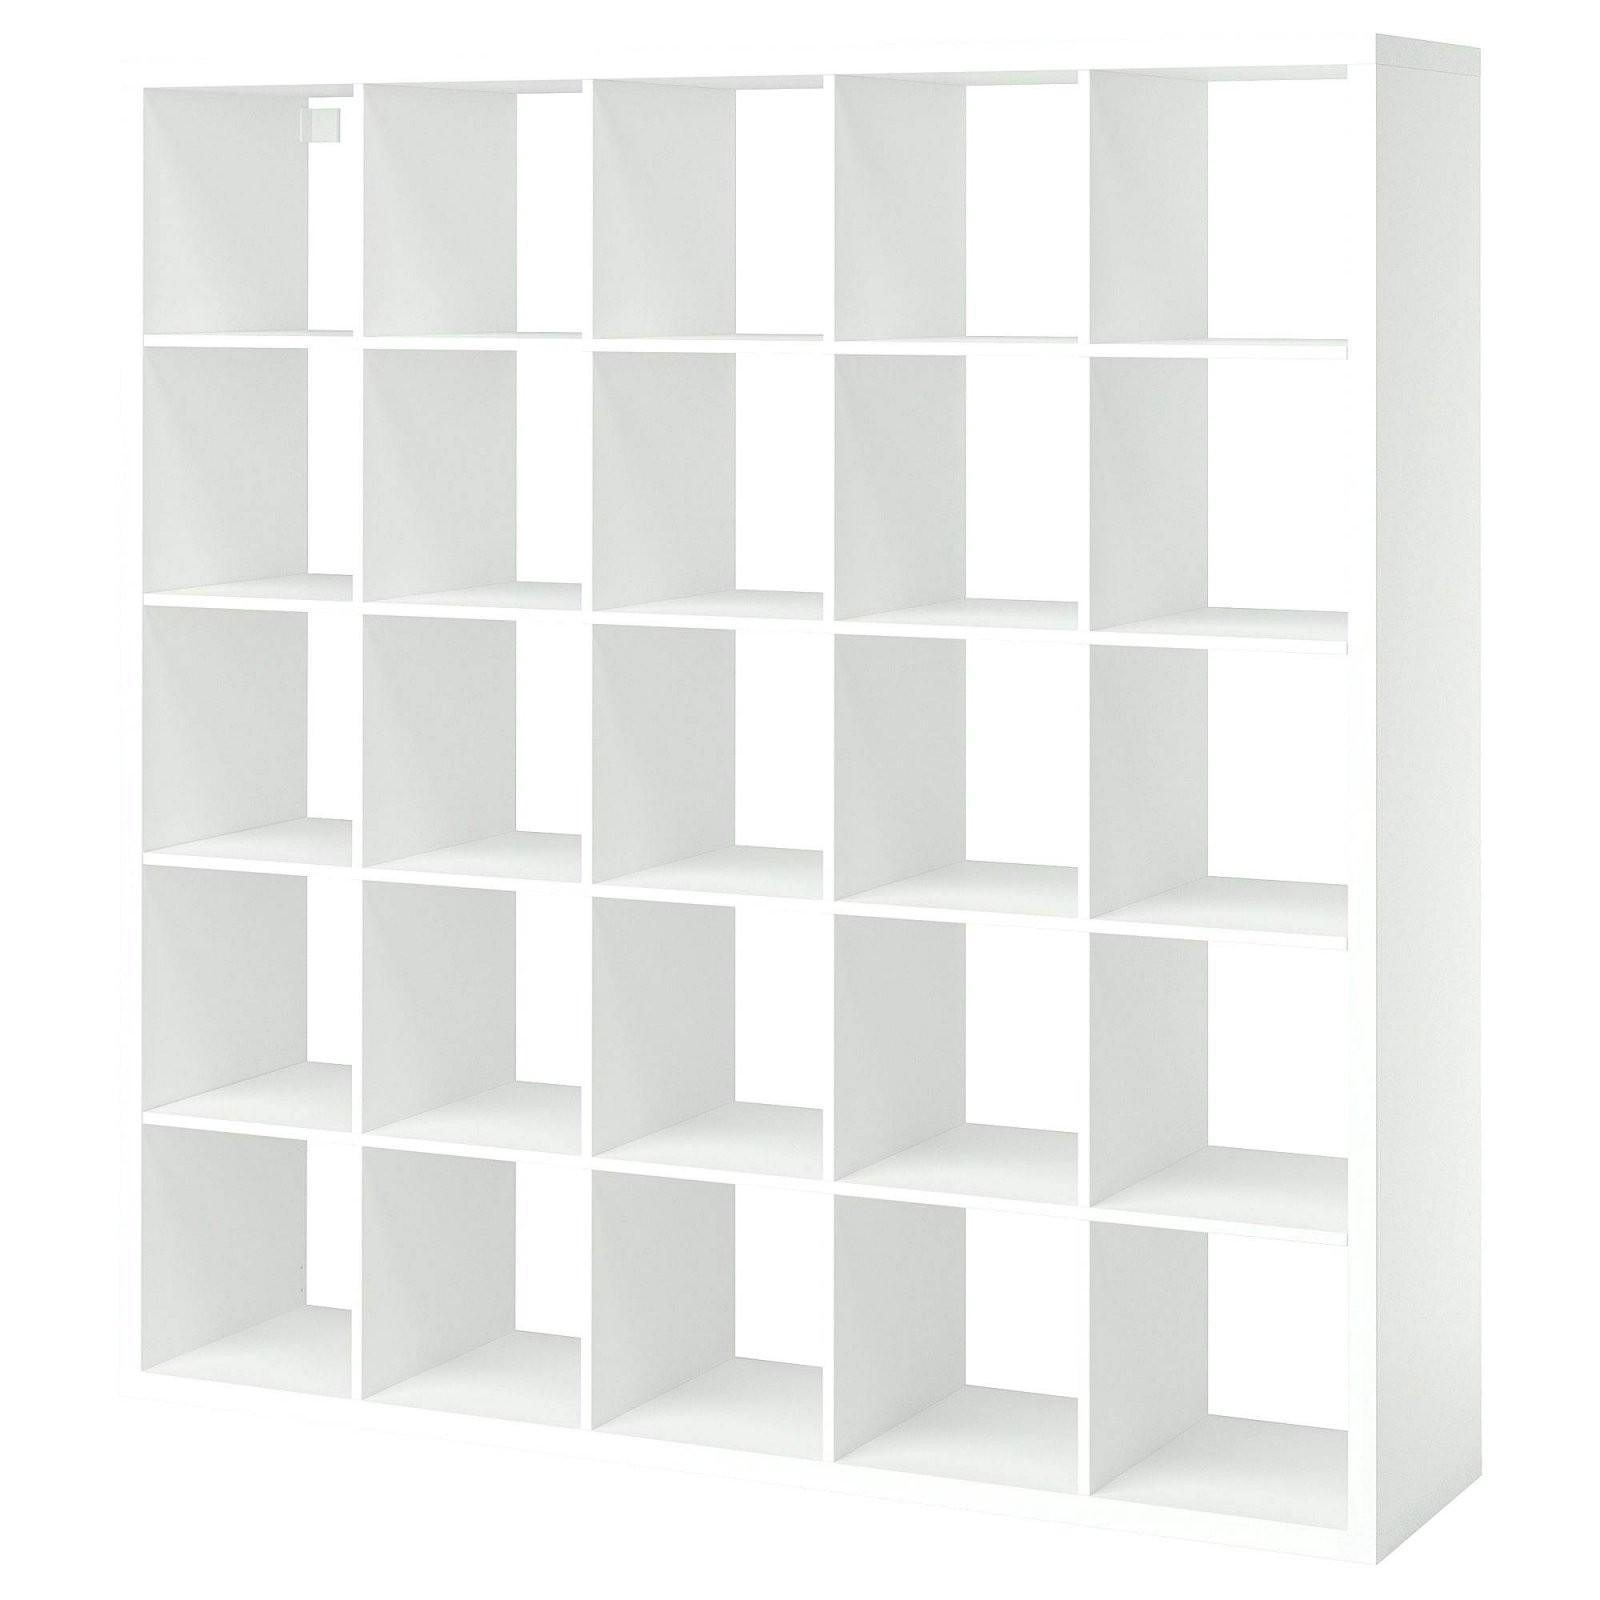 Bester Kallax Regal Weiß – Vegasoft von Ikea Regal Kallax Gebraucht Photo